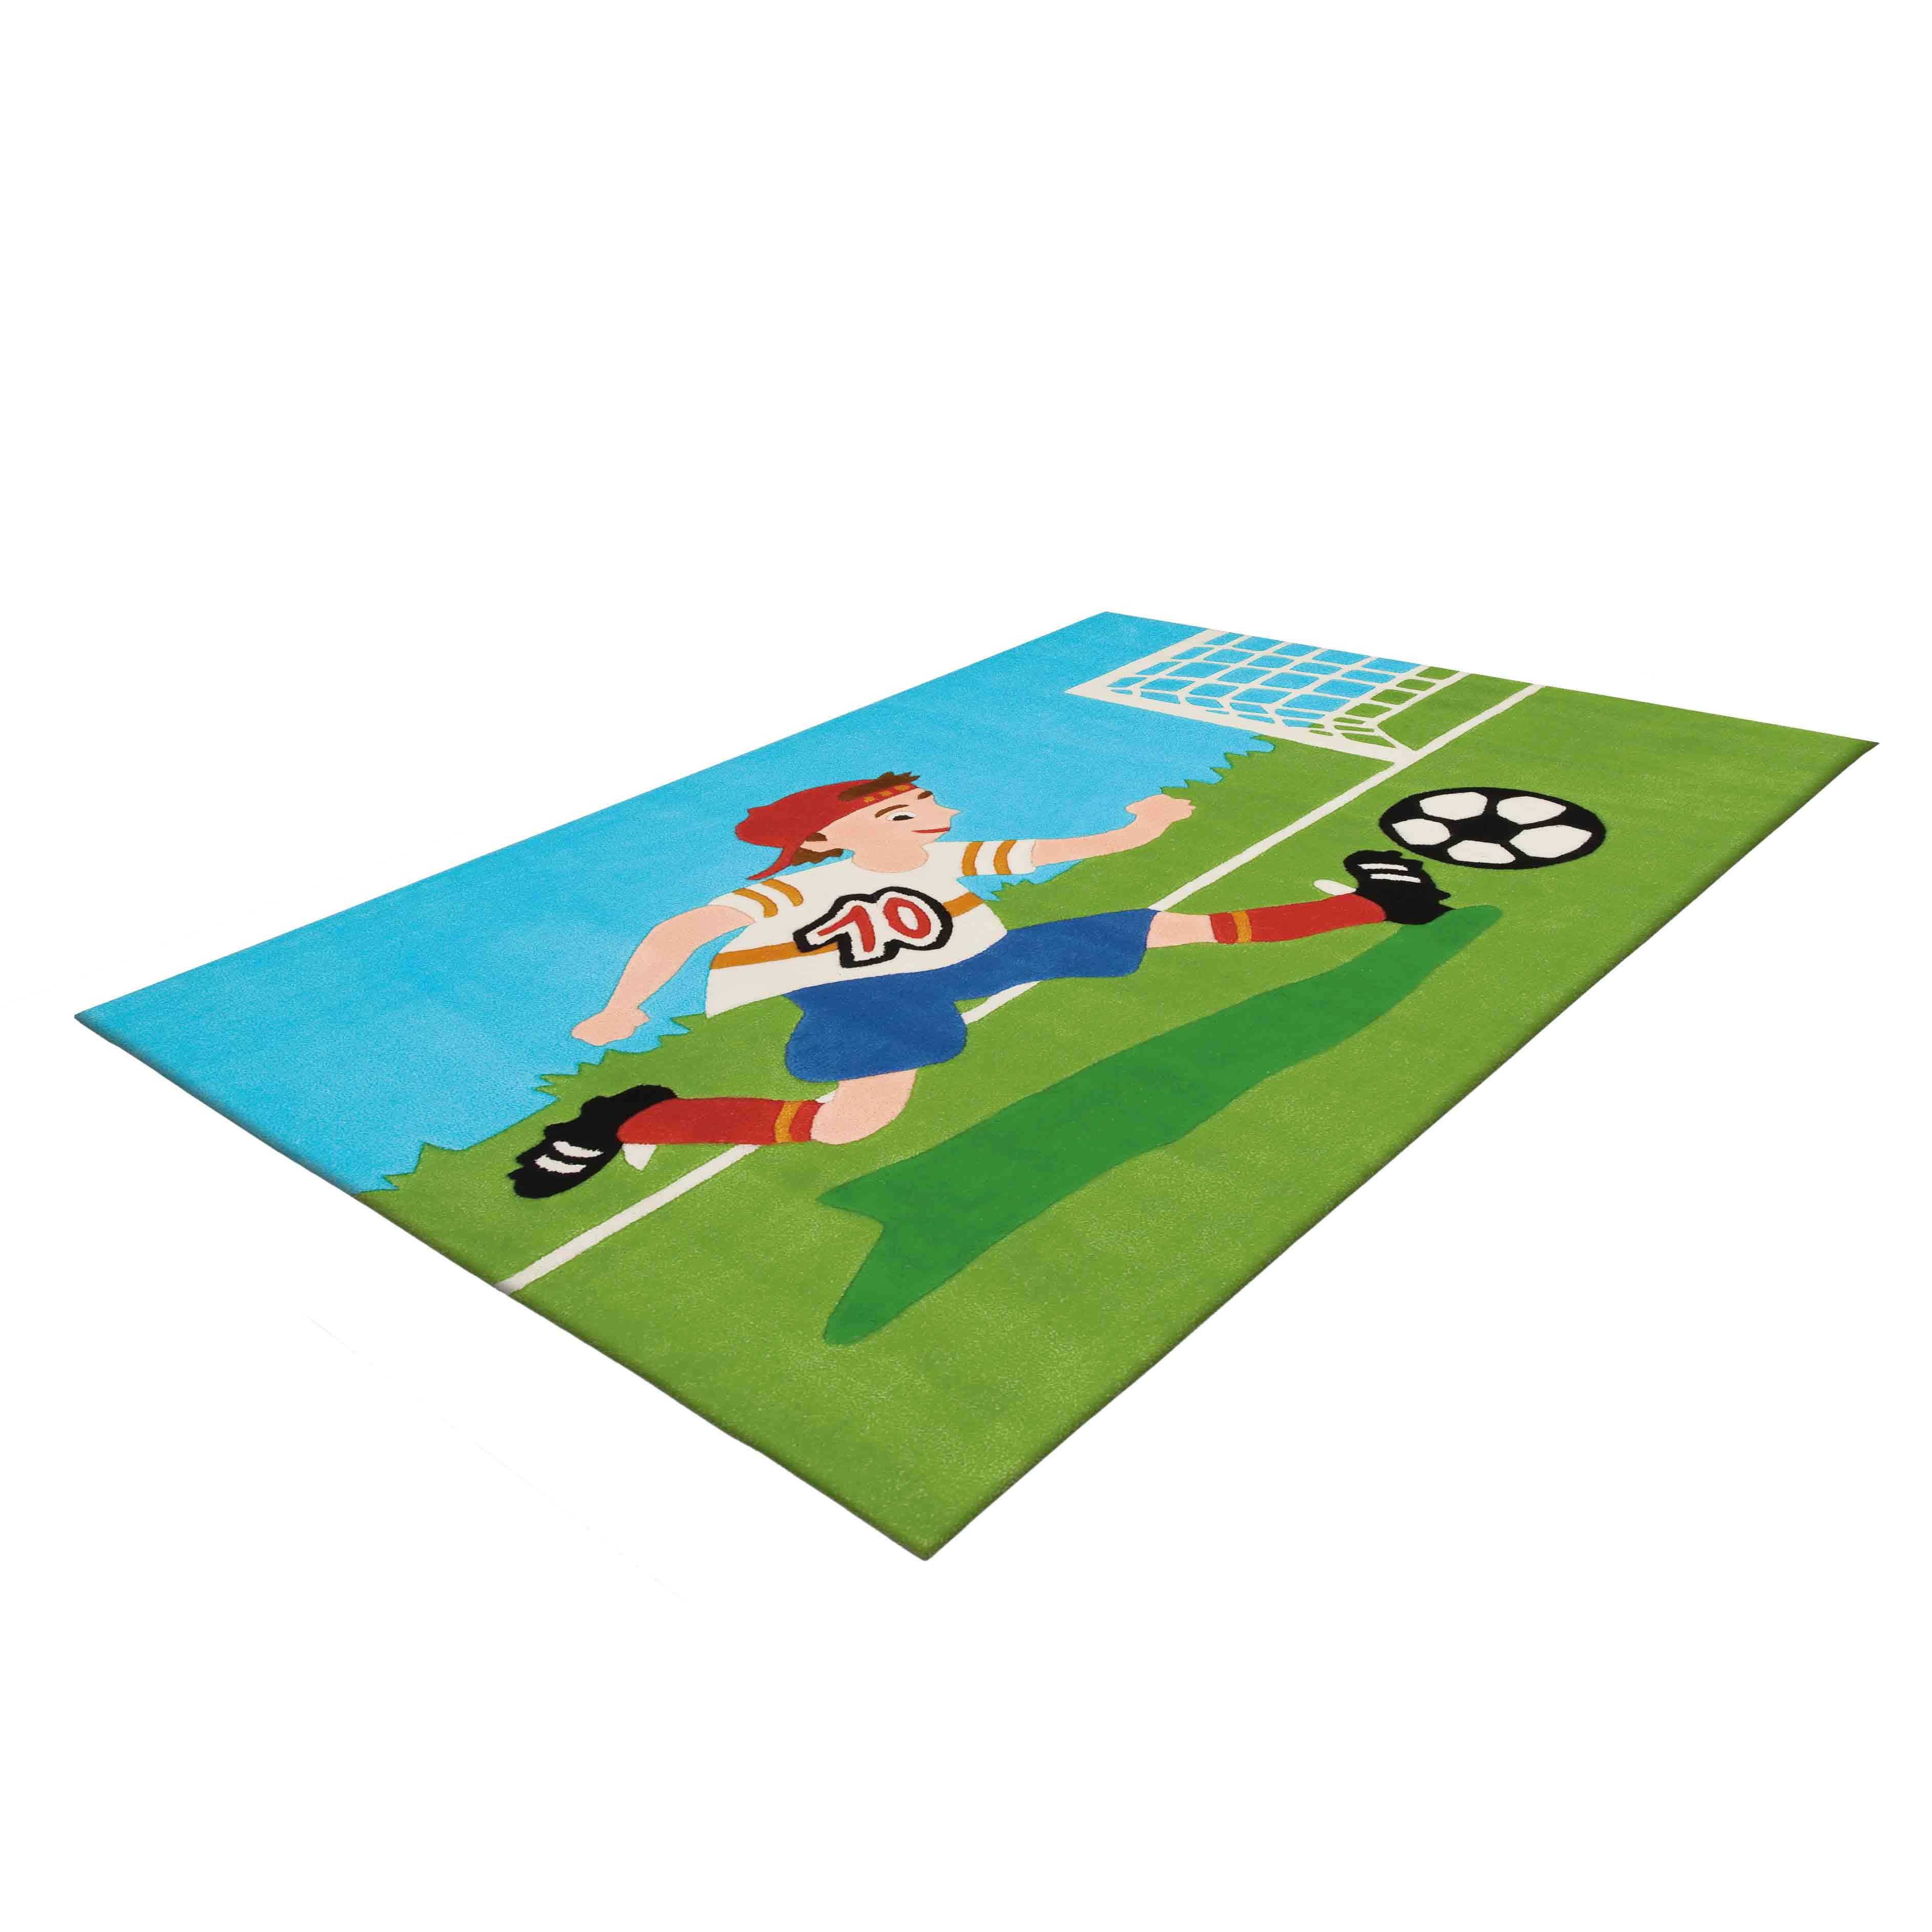 Extreem Voetbal vloerkleed kopen?   Kinderkamer Vloerkleden @JU18